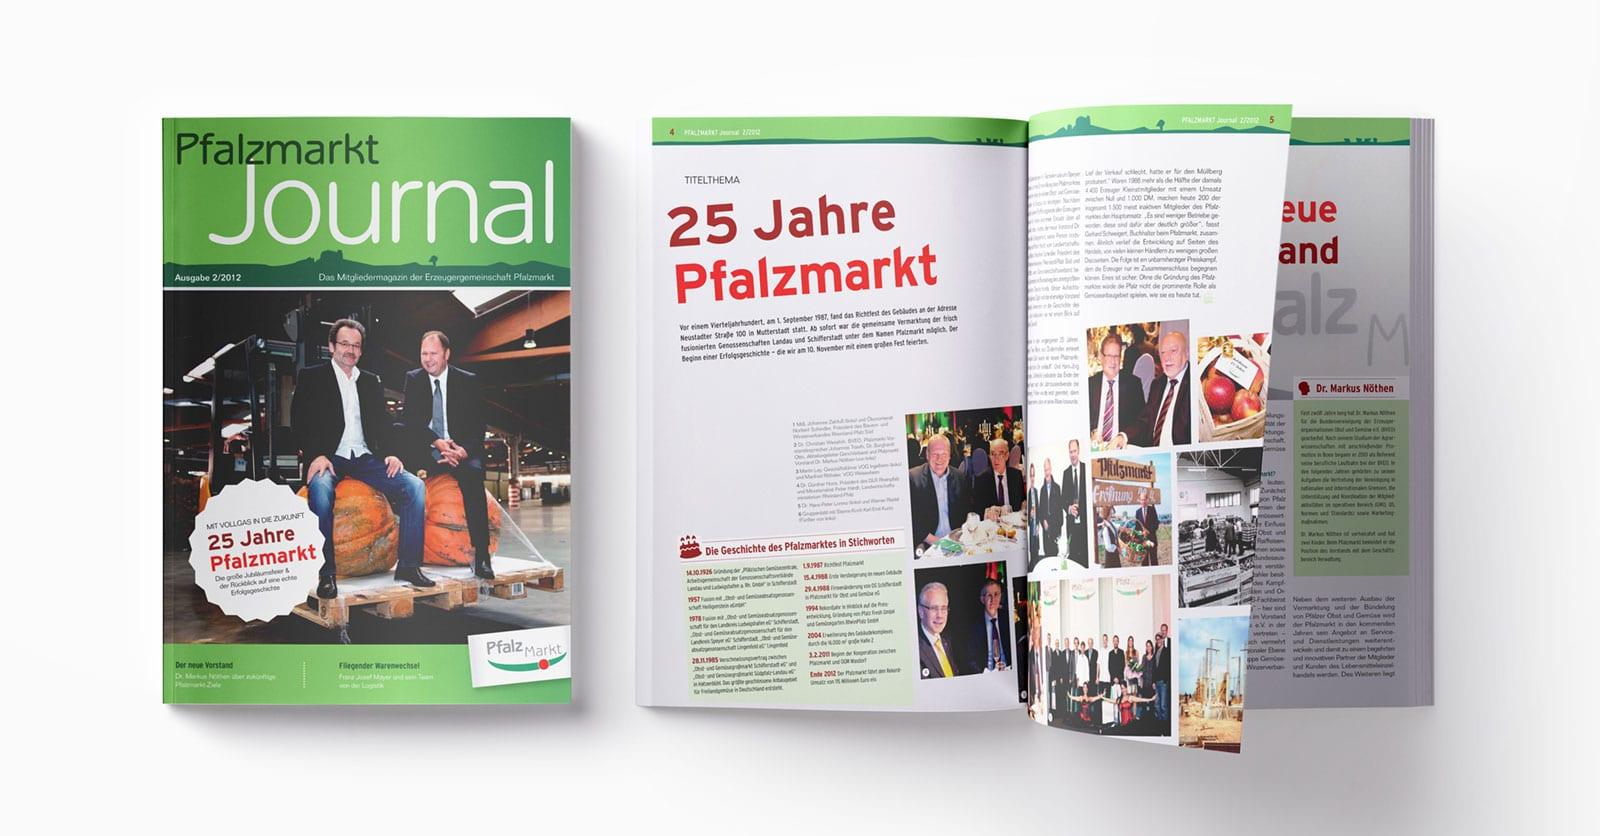 Pfalzmarkt Journal Ausgabe 2-2012